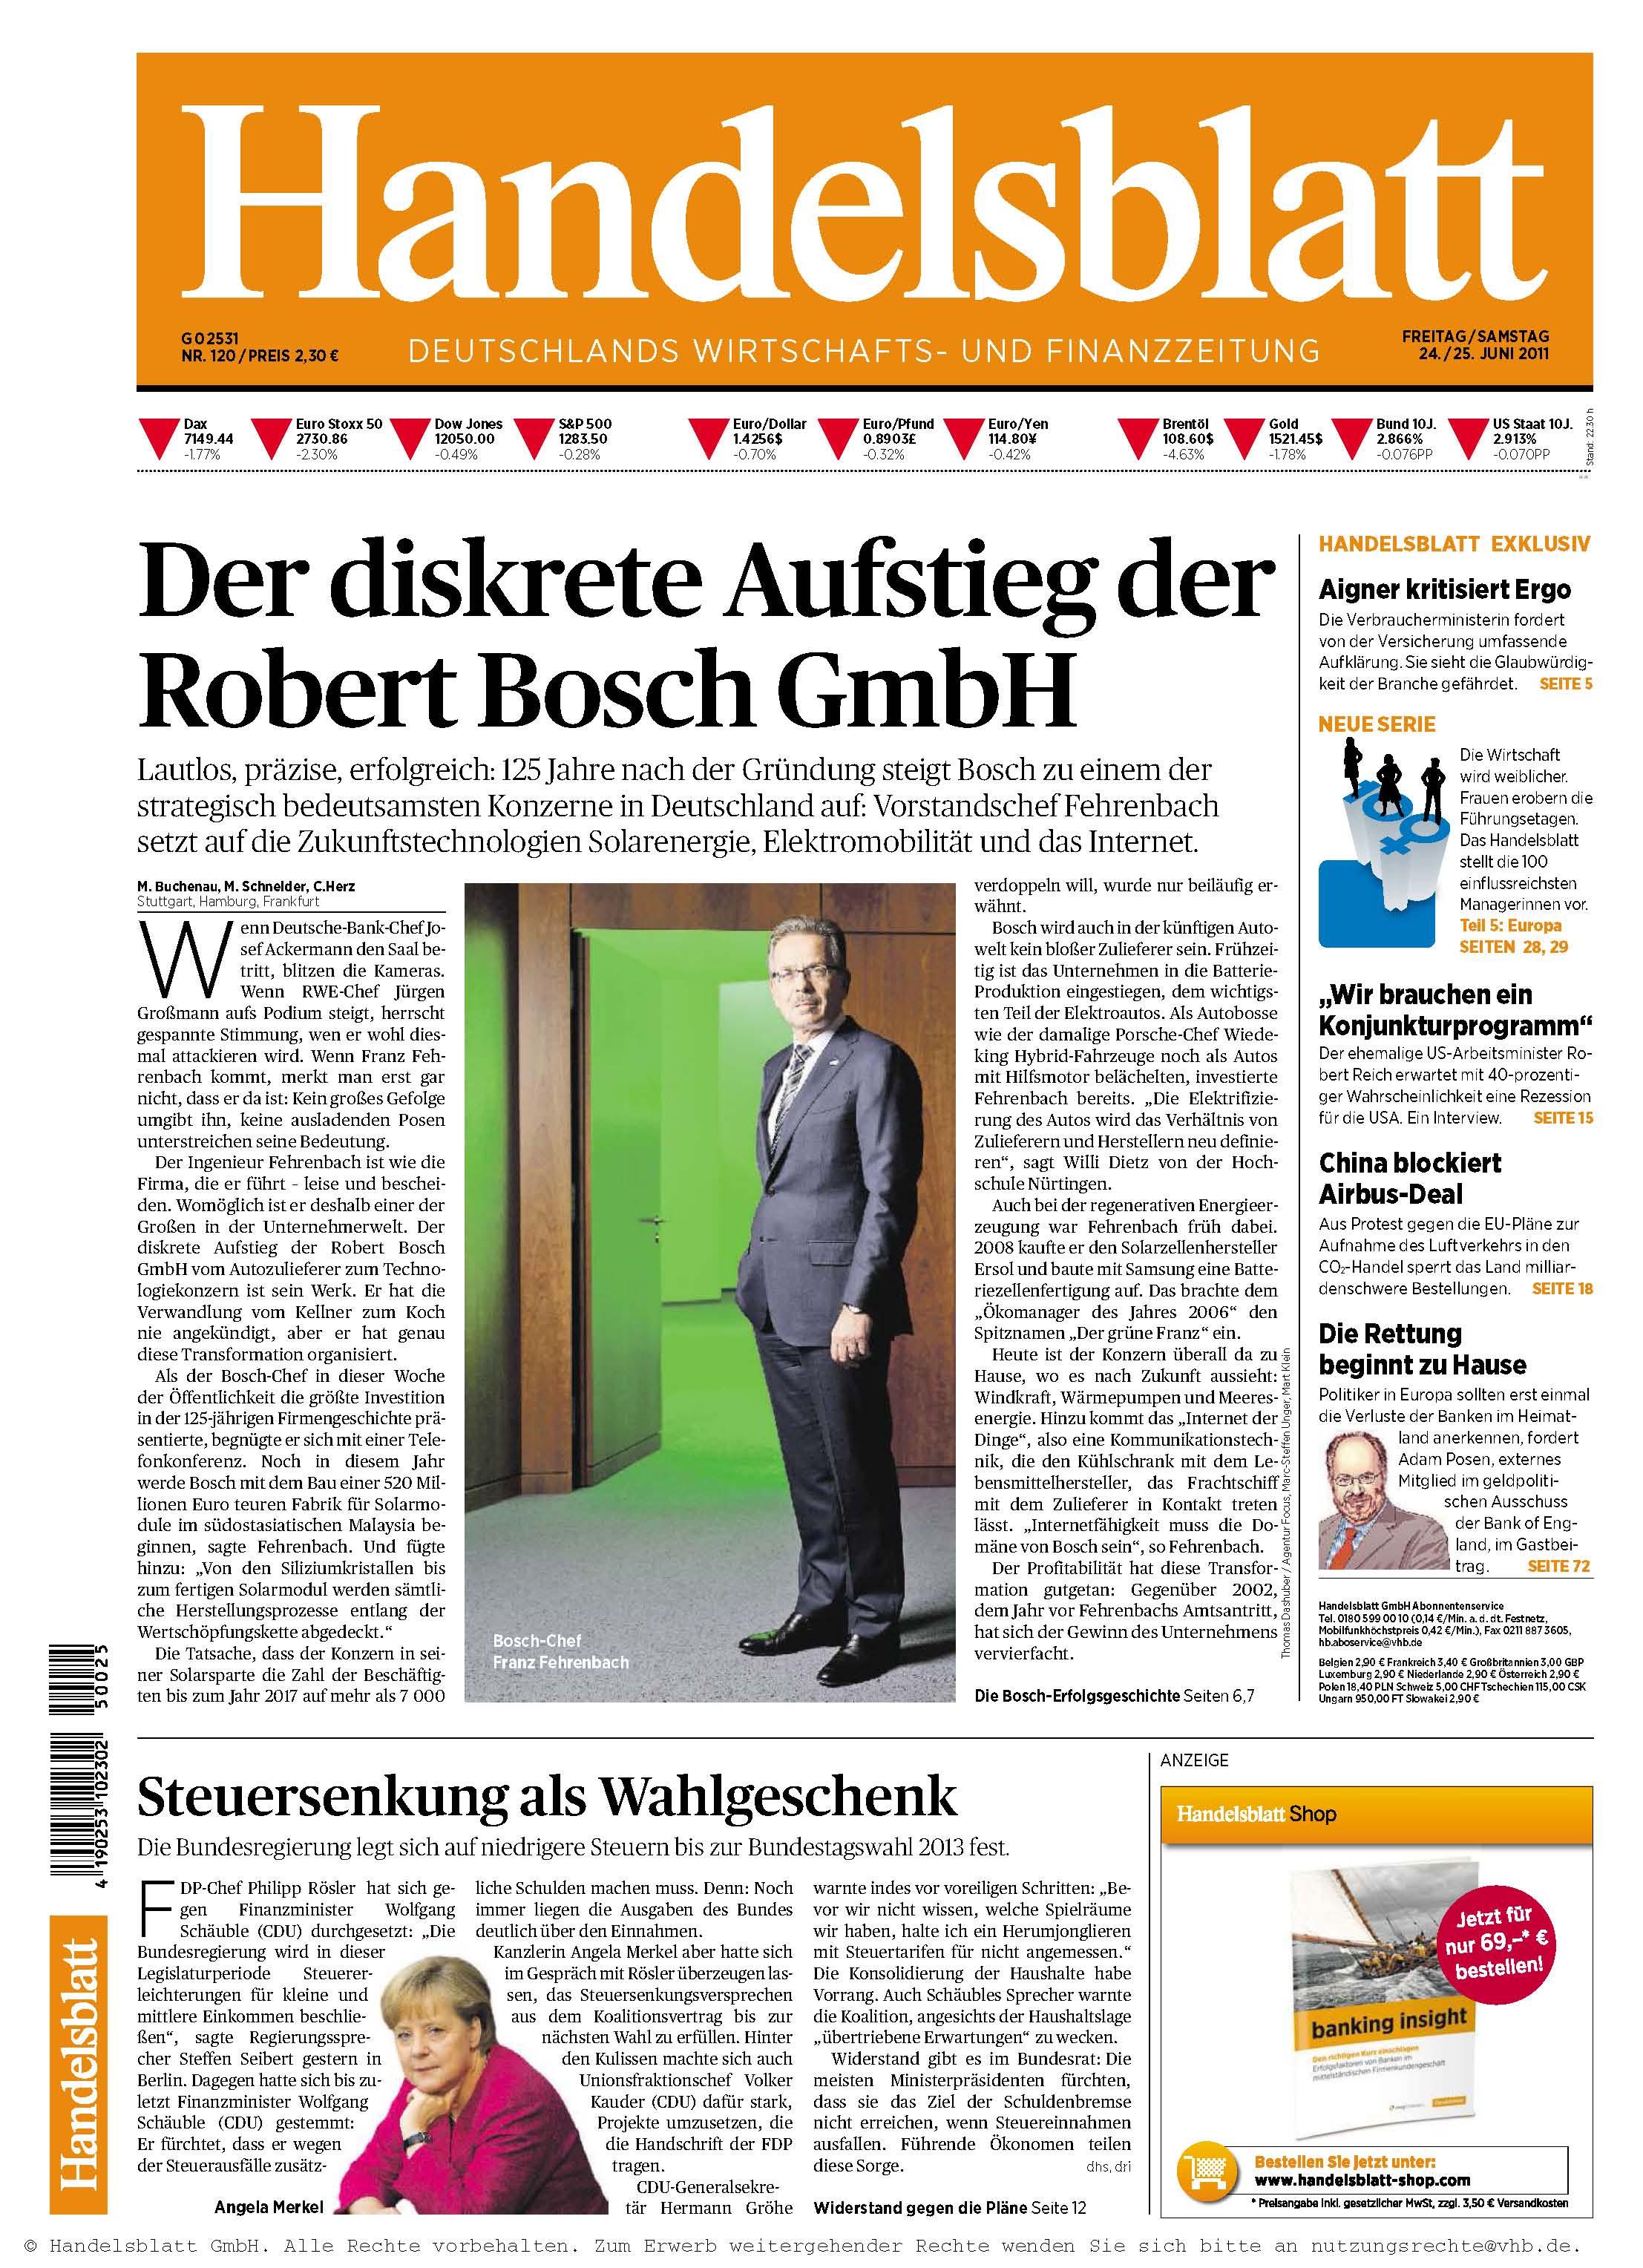 Handelsblatt Nr 120 vom 24.06.2011